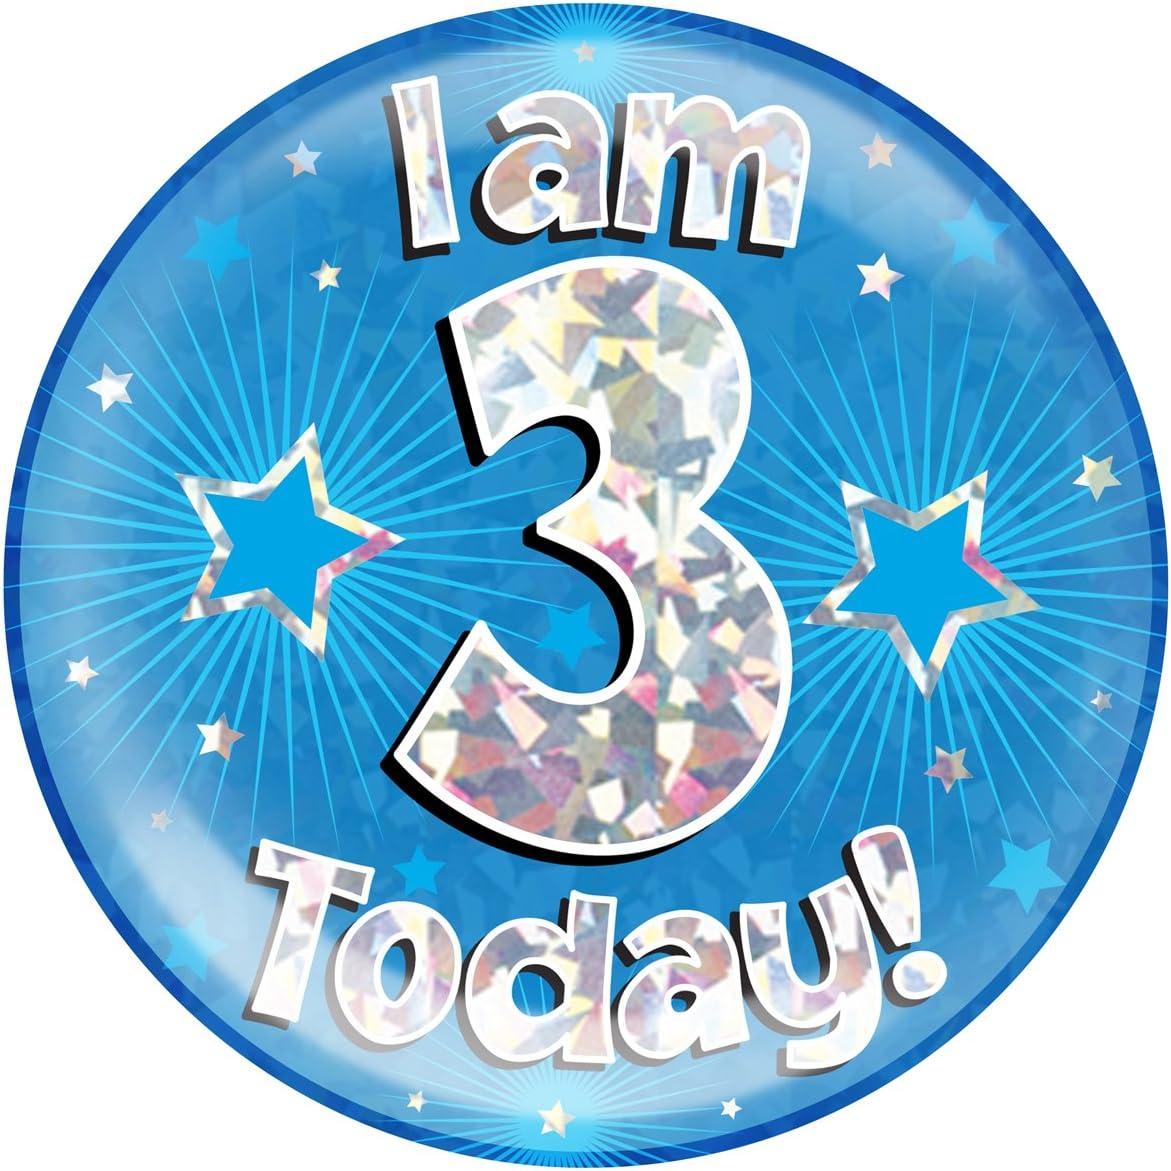 6 Jumbo Badge I am 3 Today Blue Holographic Cracked Ice